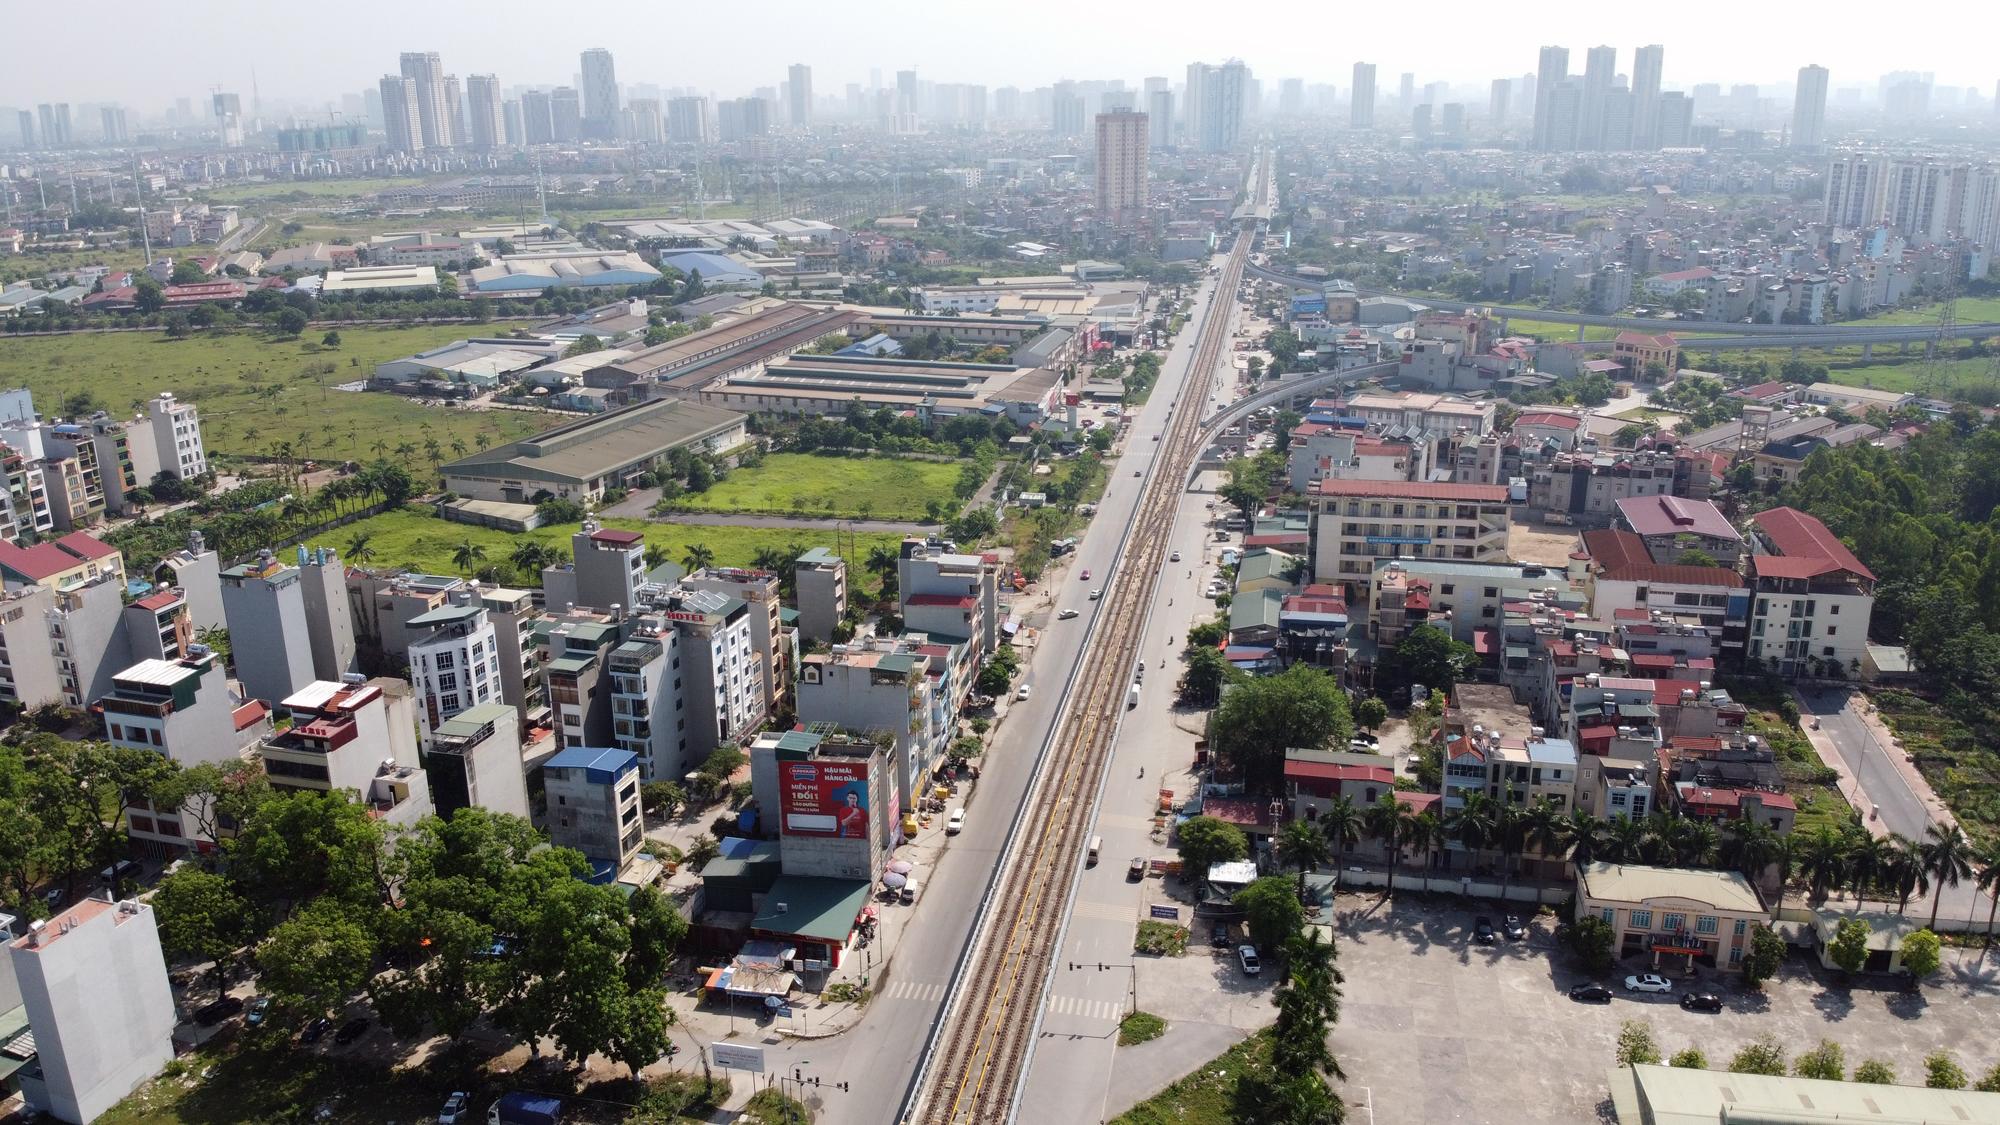 Sẽ có đường 21 m ở phía Tây Nam huyện Quốc Oai - Ảnh 1.